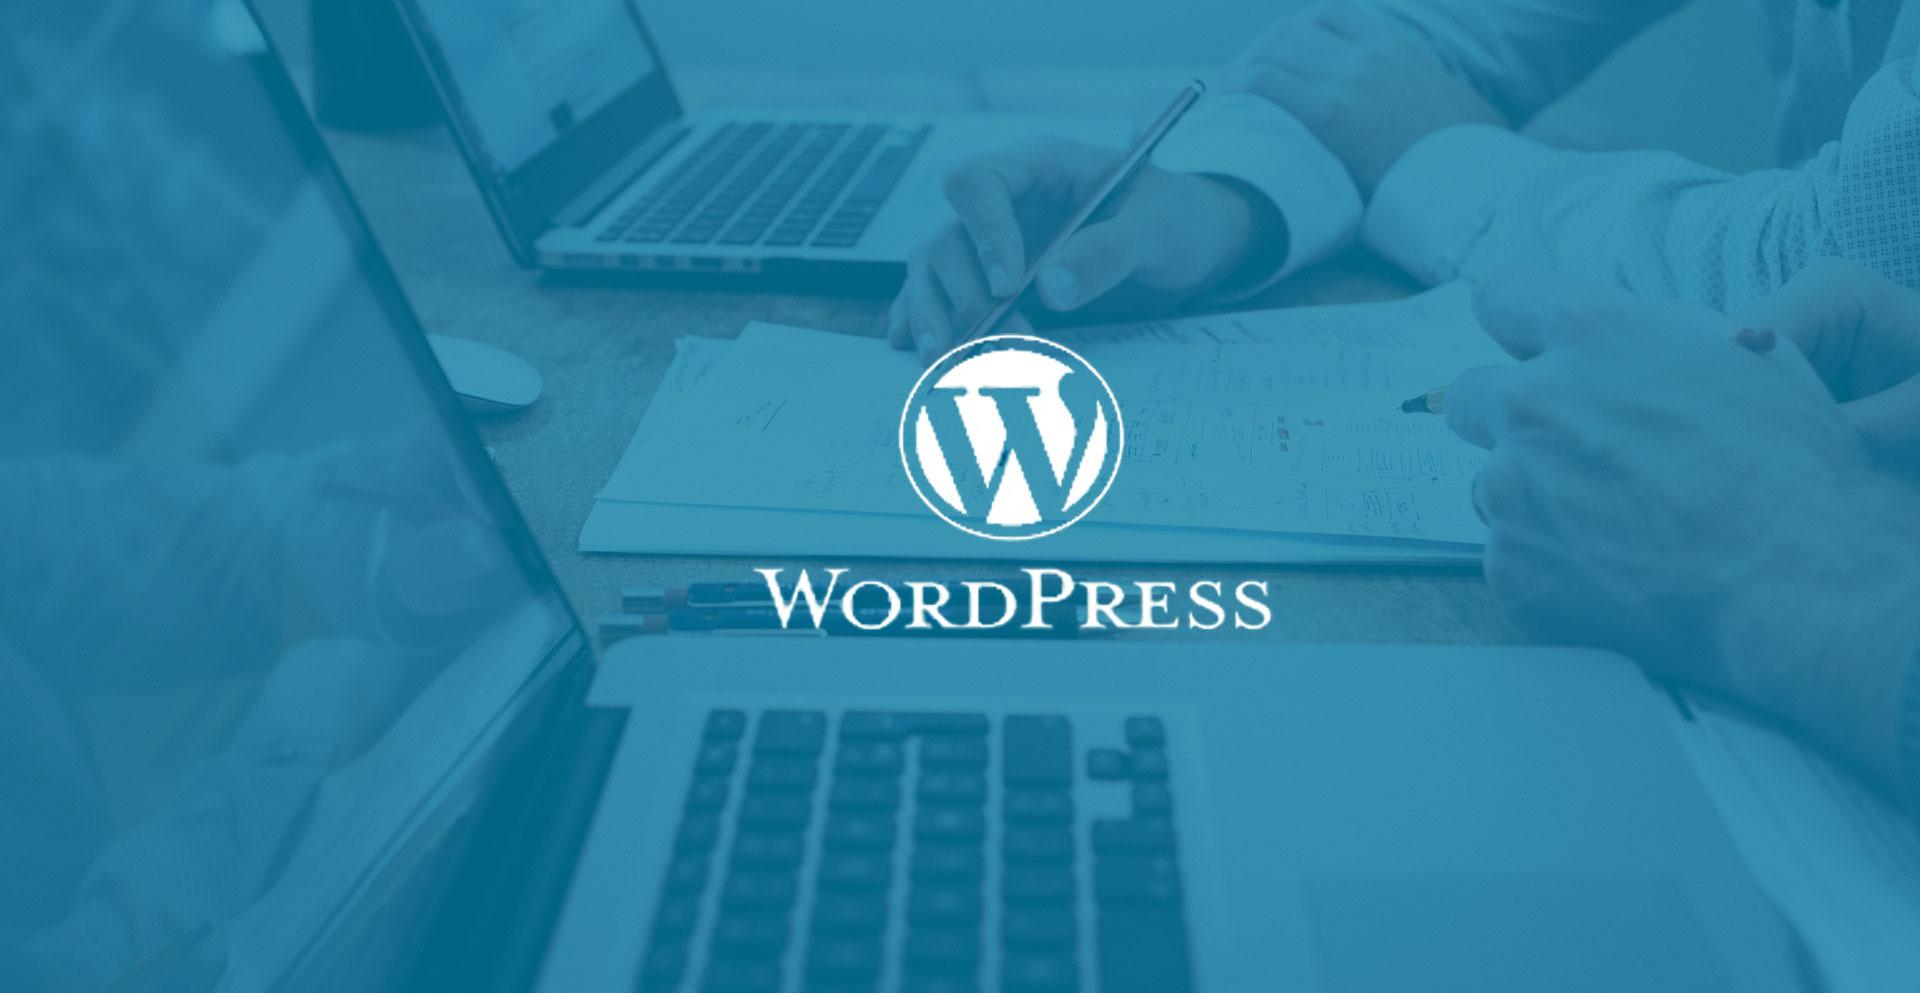 ¿Cómo hacer un tema de WordPress?